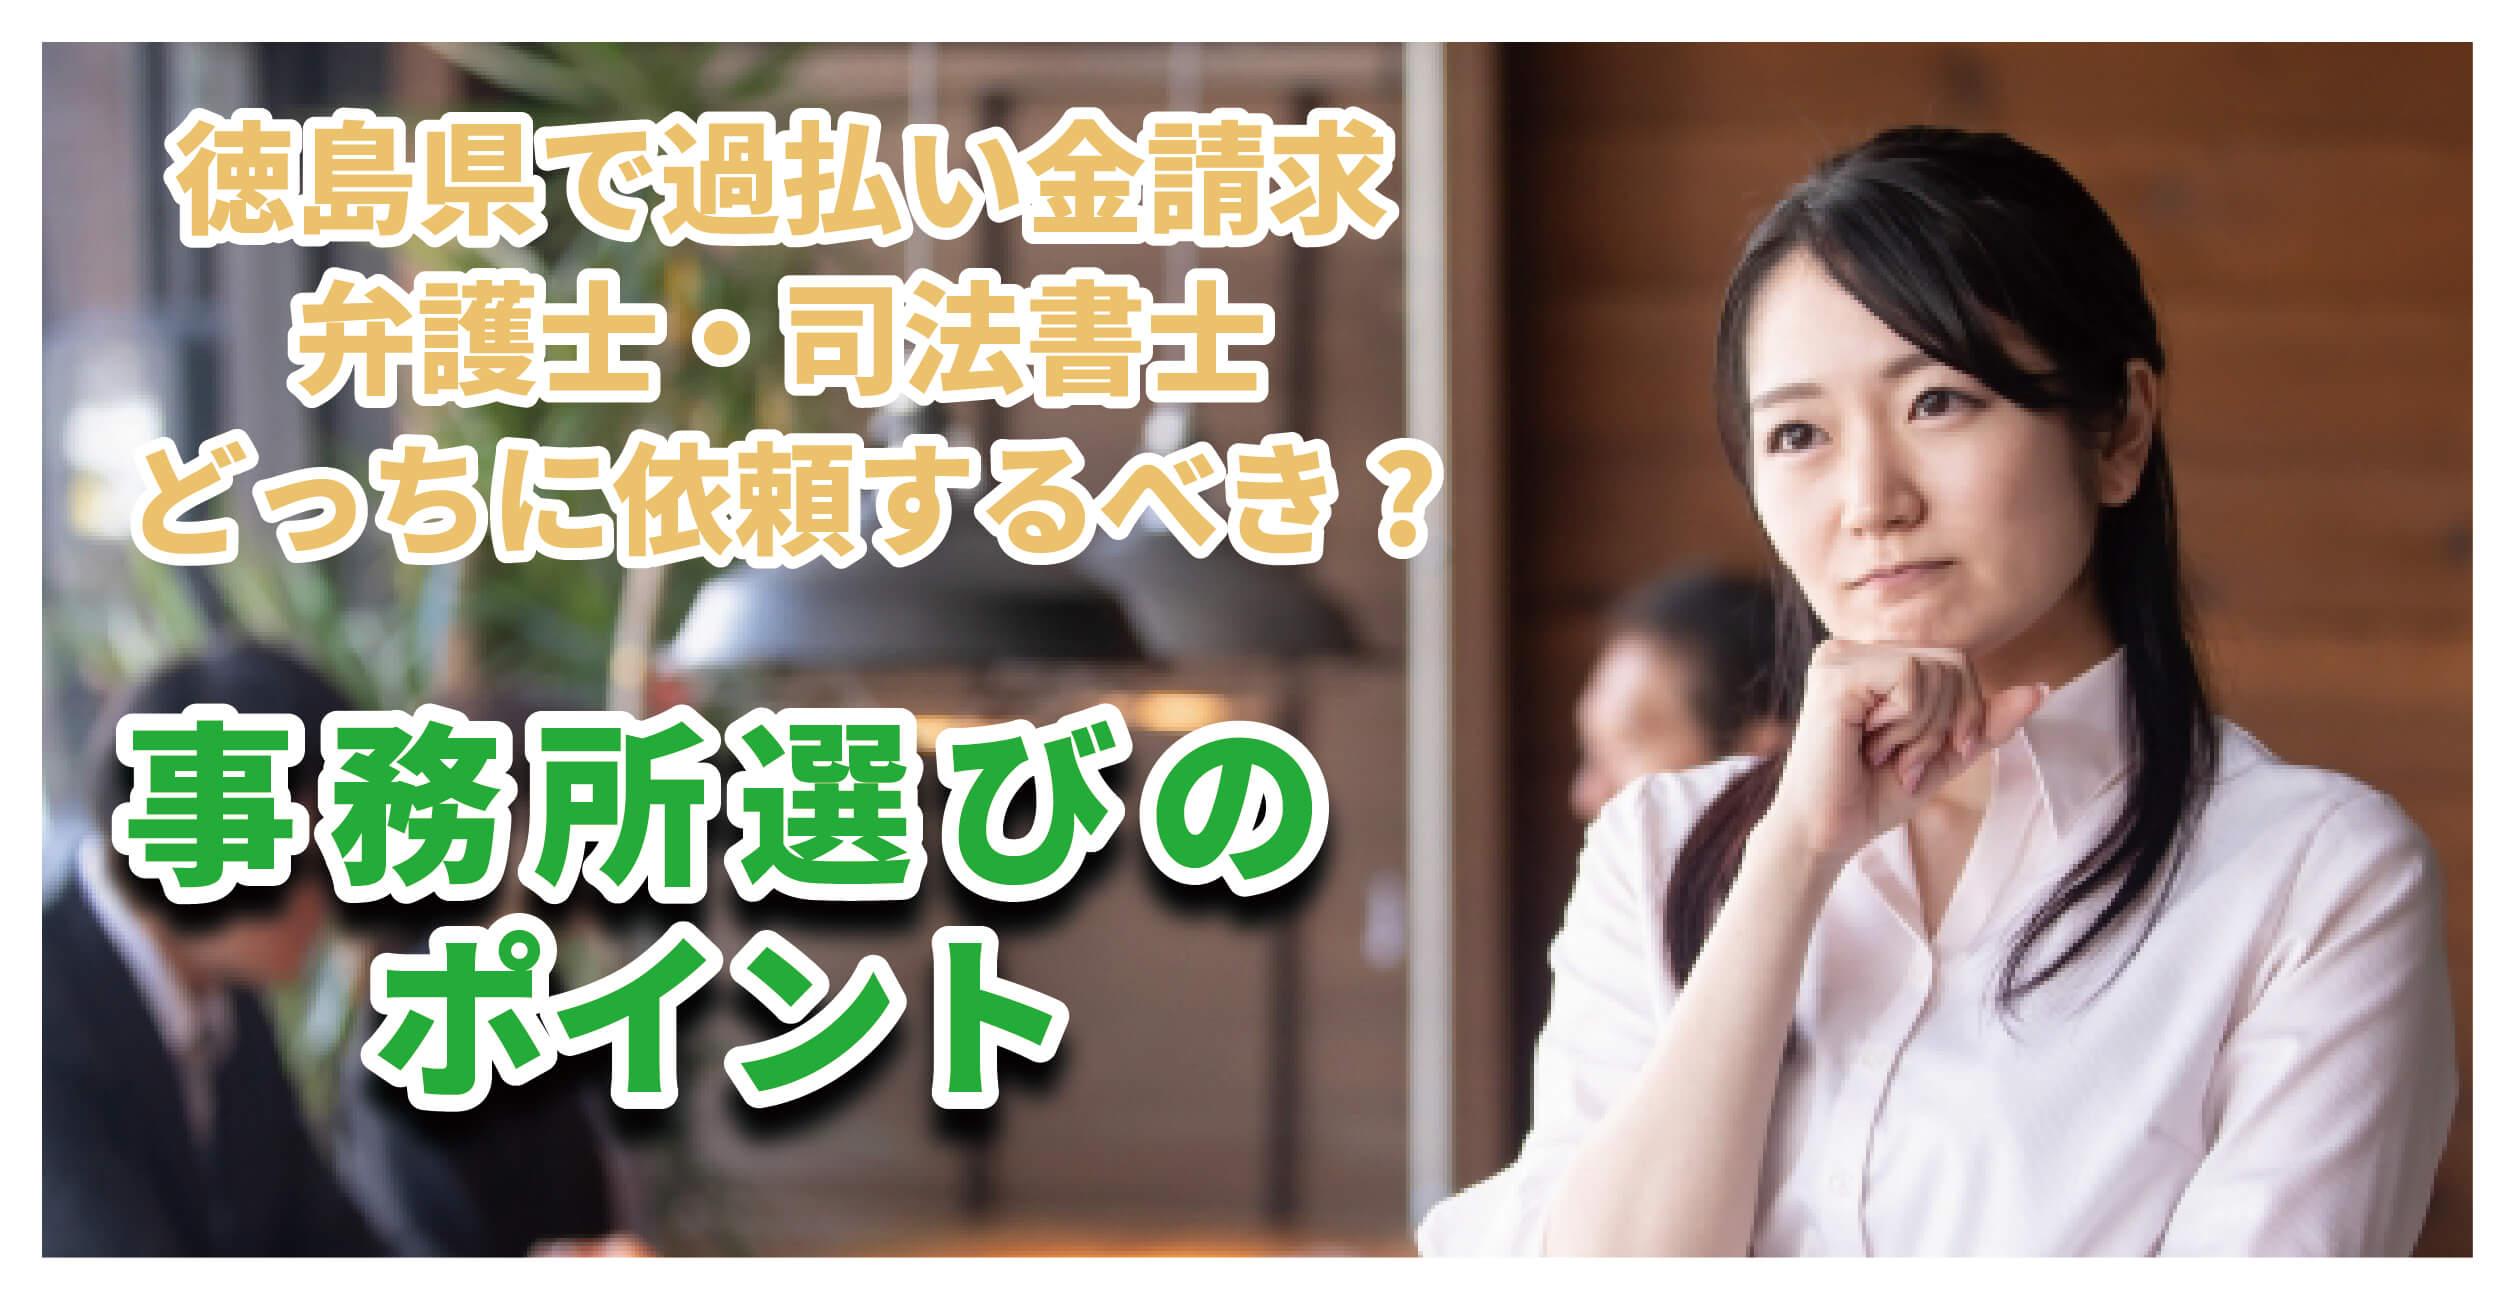 徳島県で過払い金請求するなら弁護士と司法書士どっちがいいの